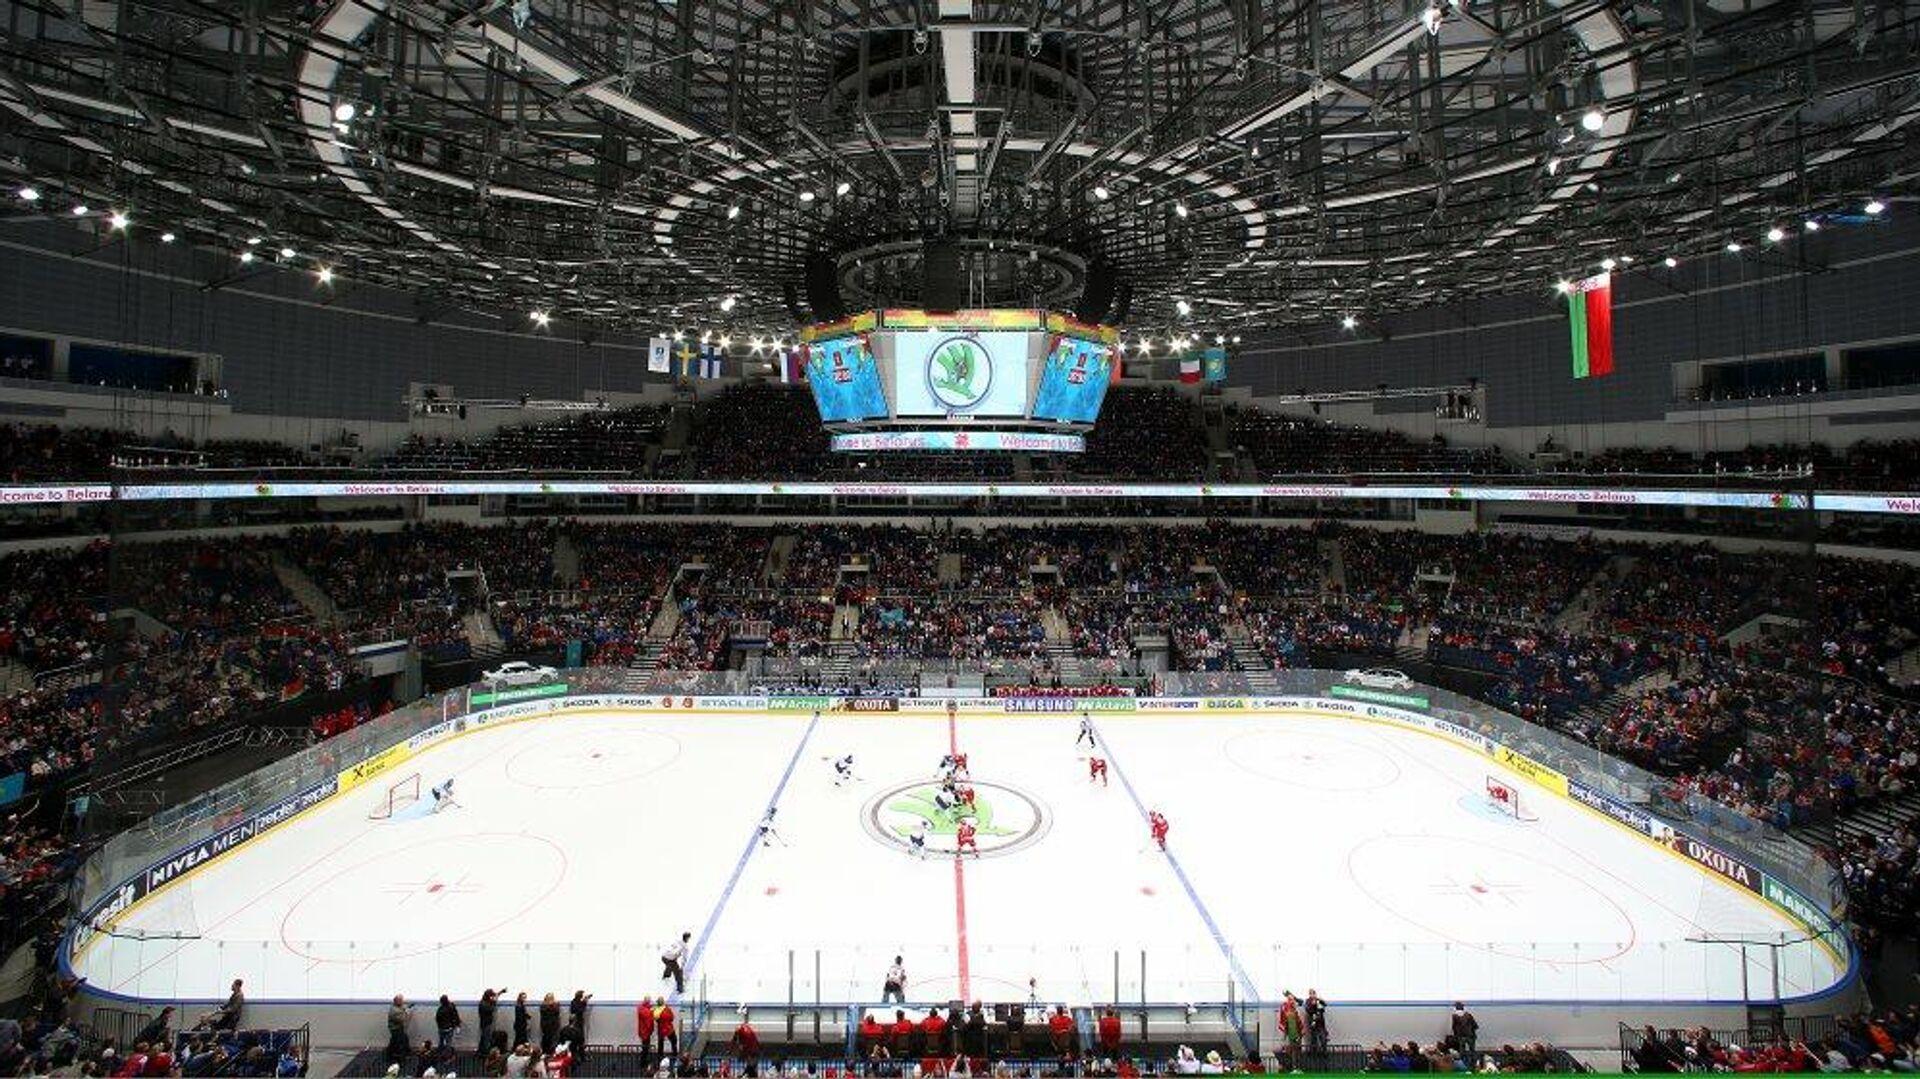 Арена в Минске - РИА Новости, 1920, 19.01.2021